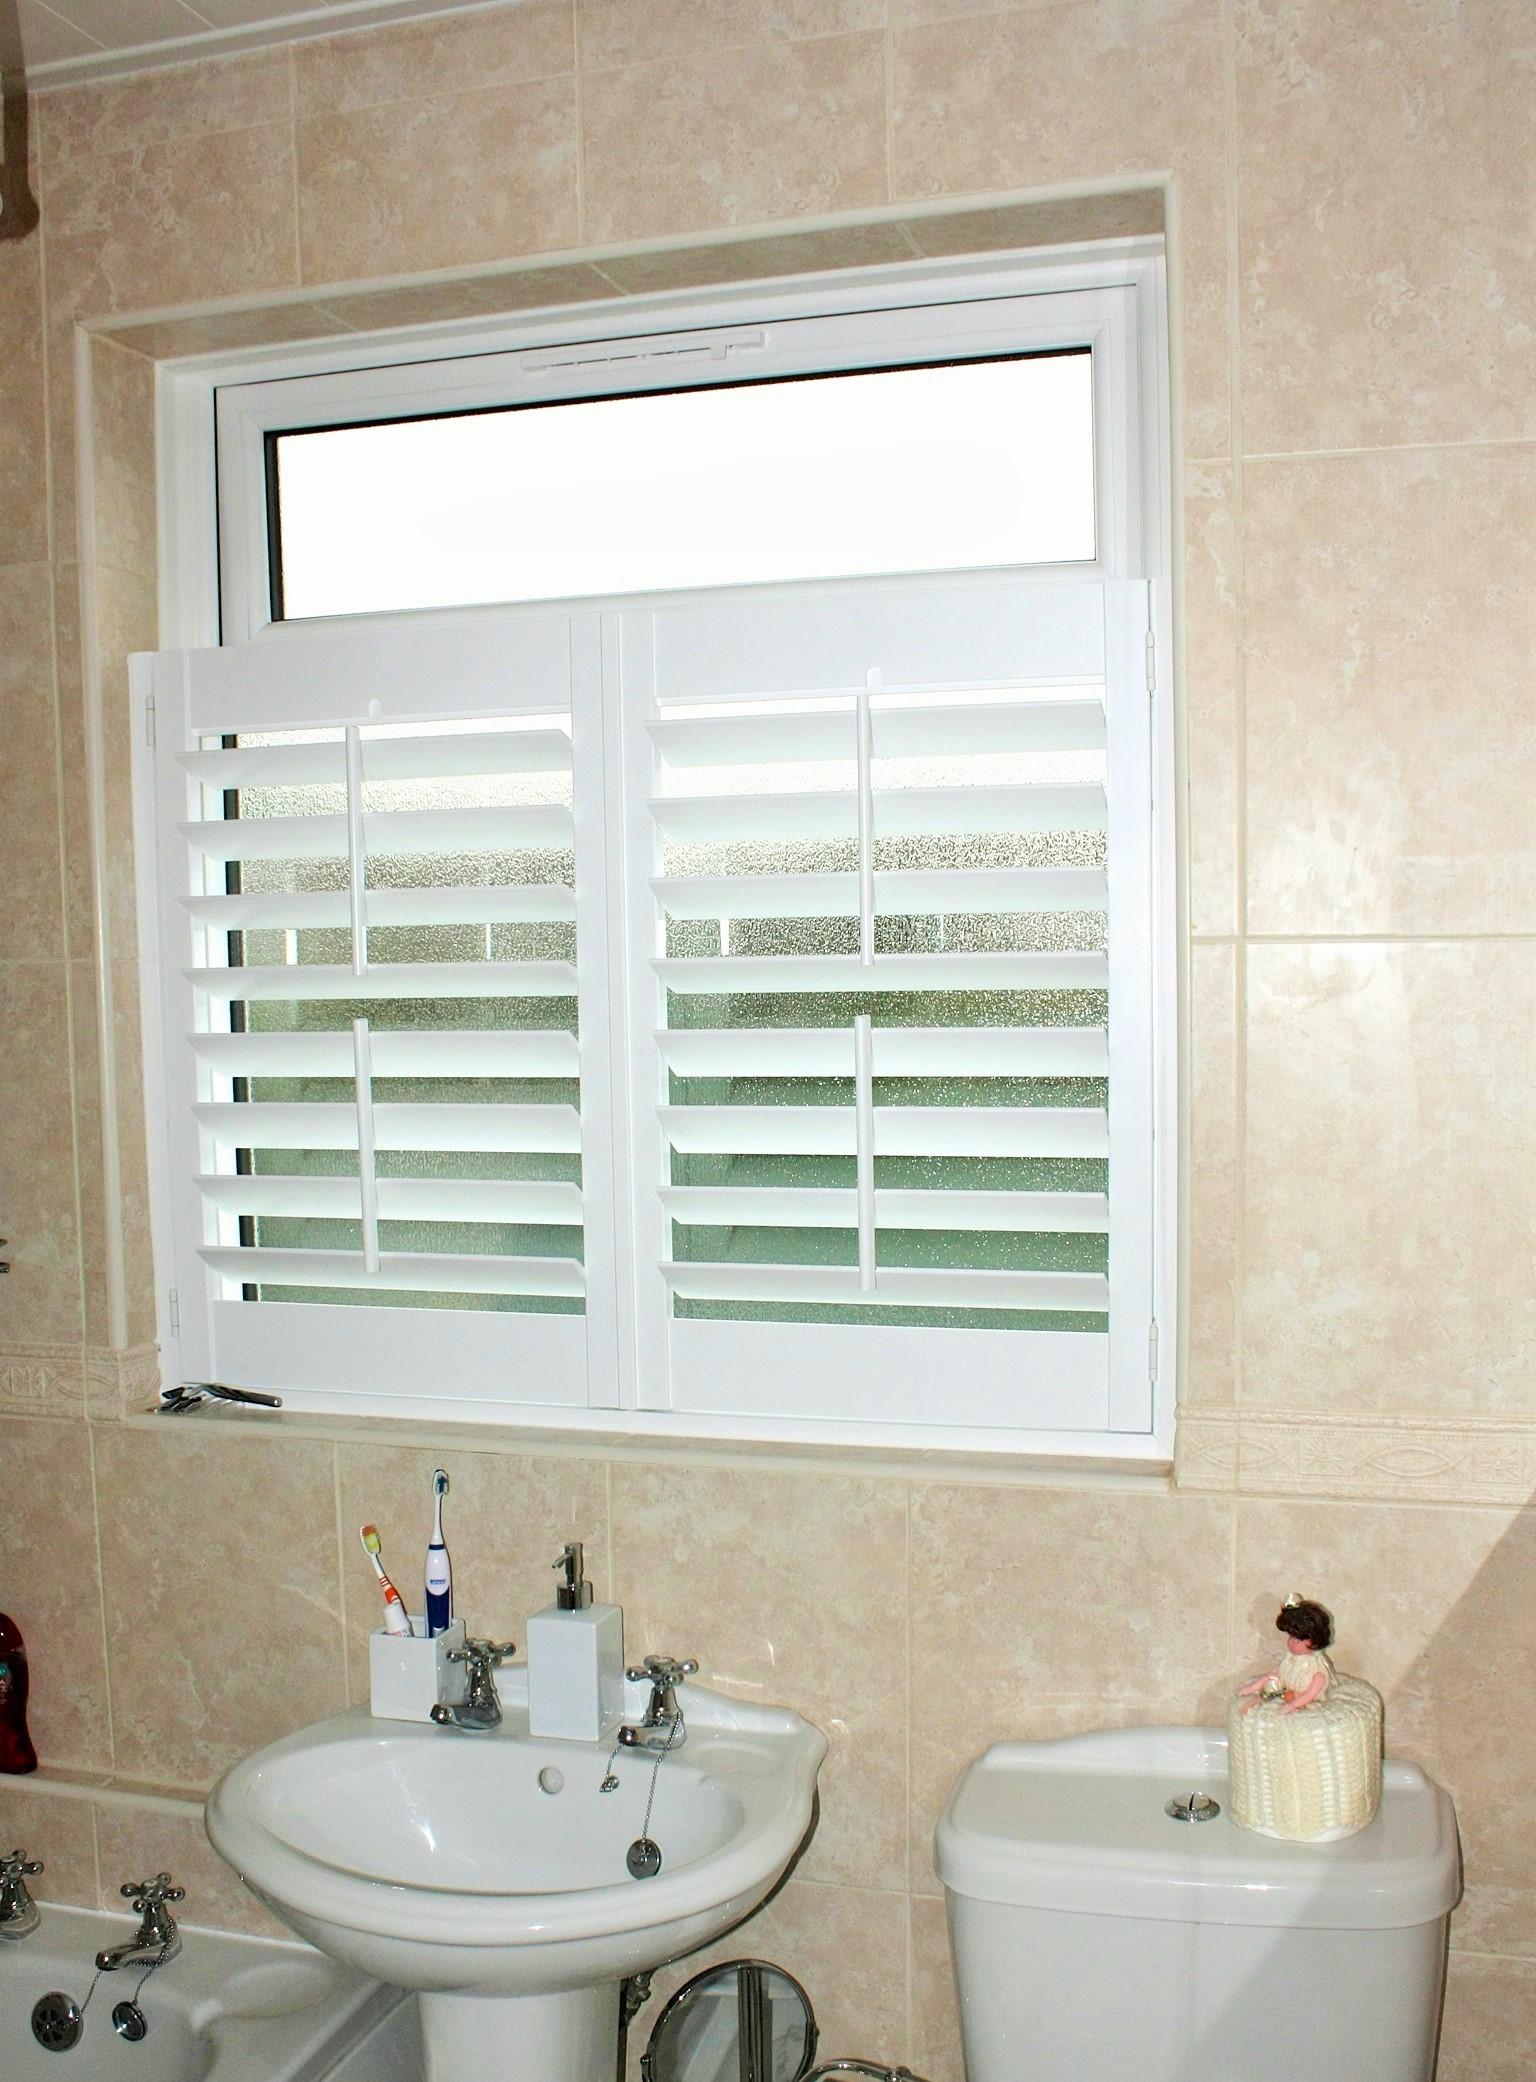 shutters-for-toilet-window.jpg